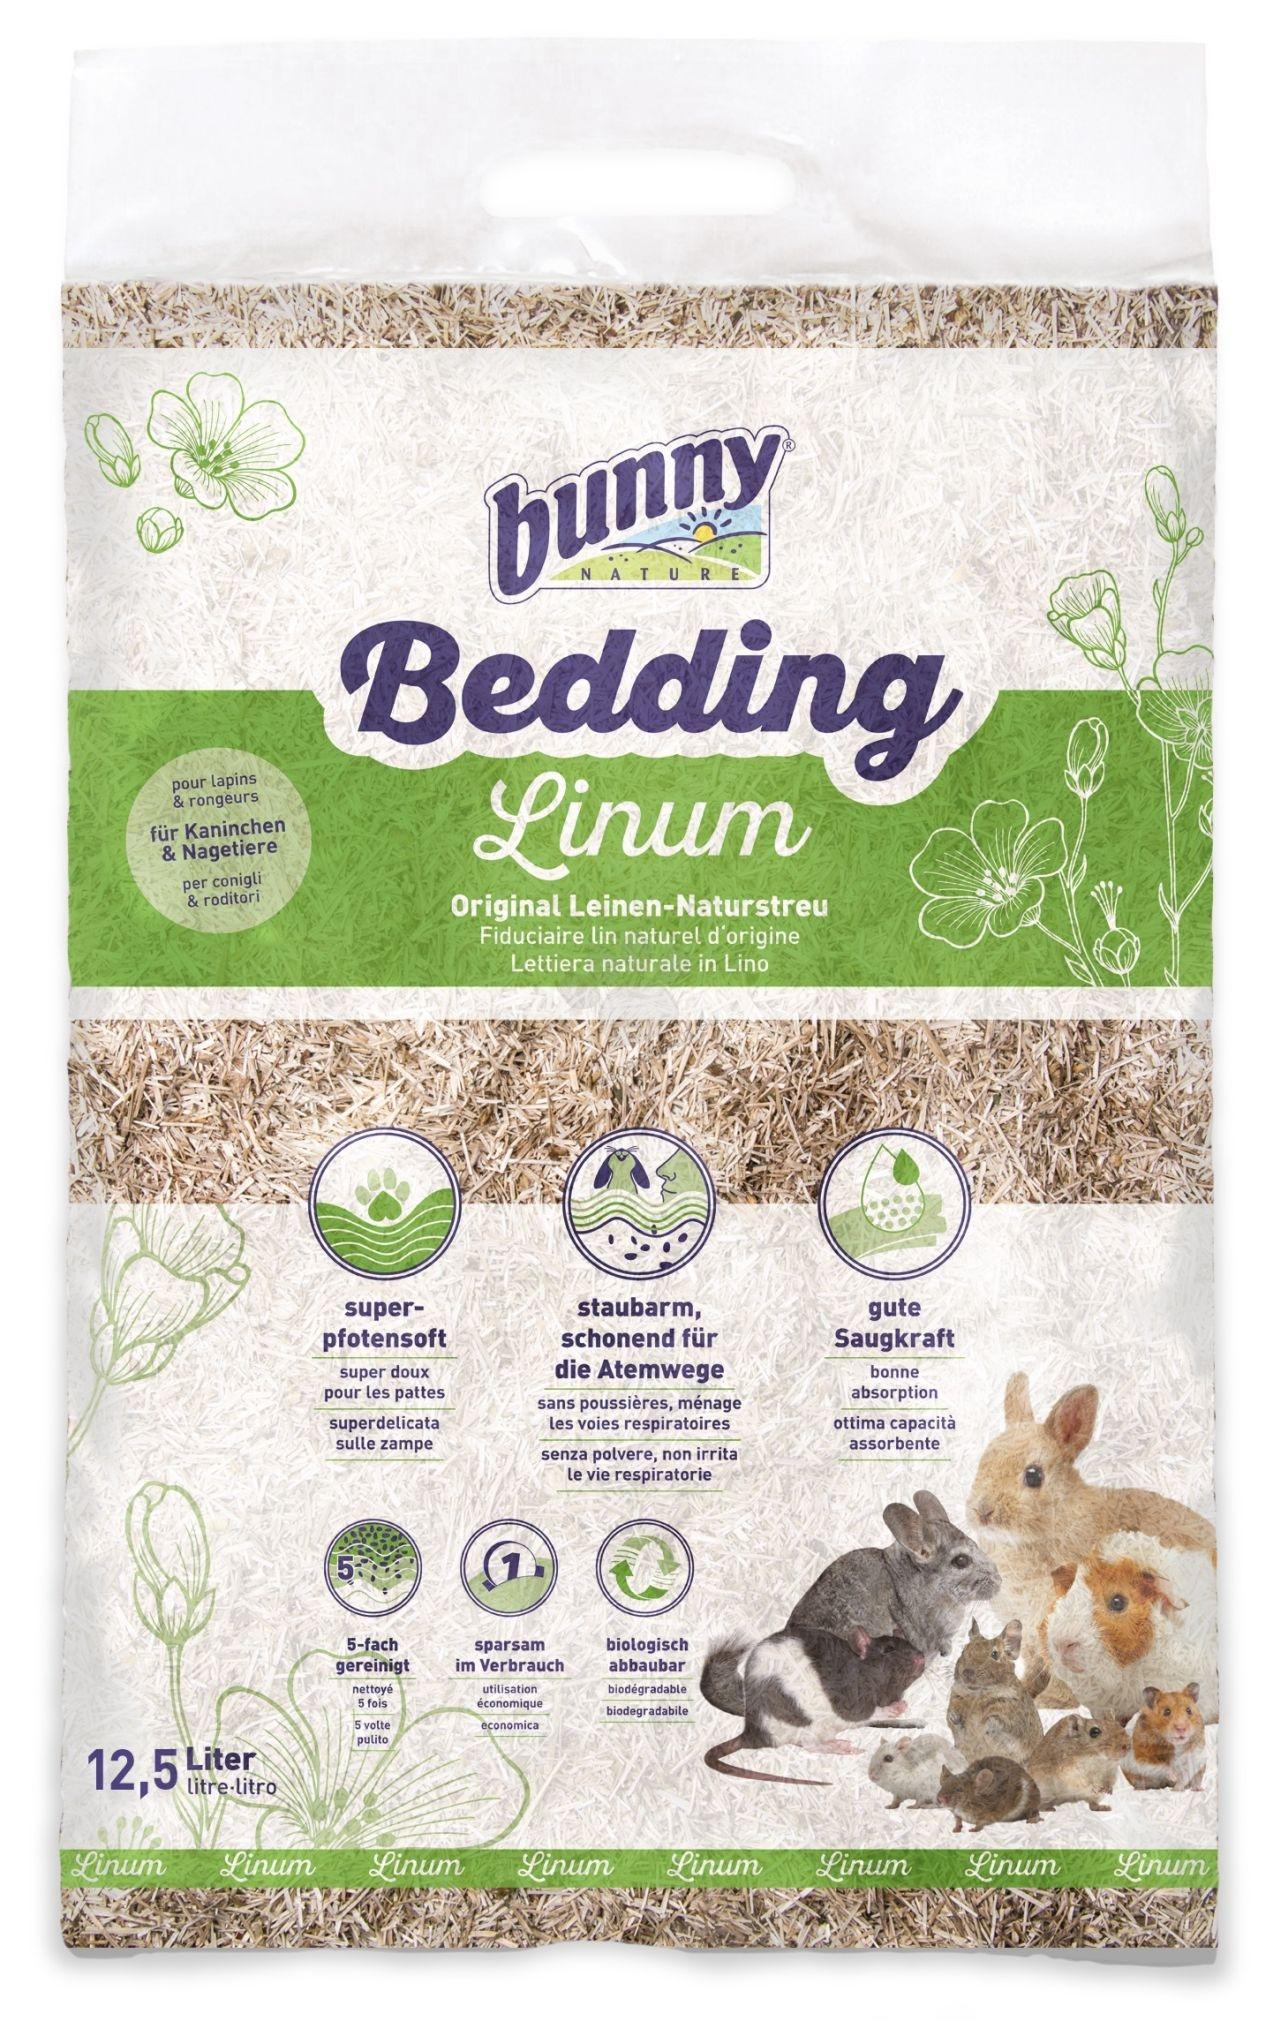 Bunny - Bedding Linum - оригинална натурална постеля от лен за зайци и гризачи 12.5 литра